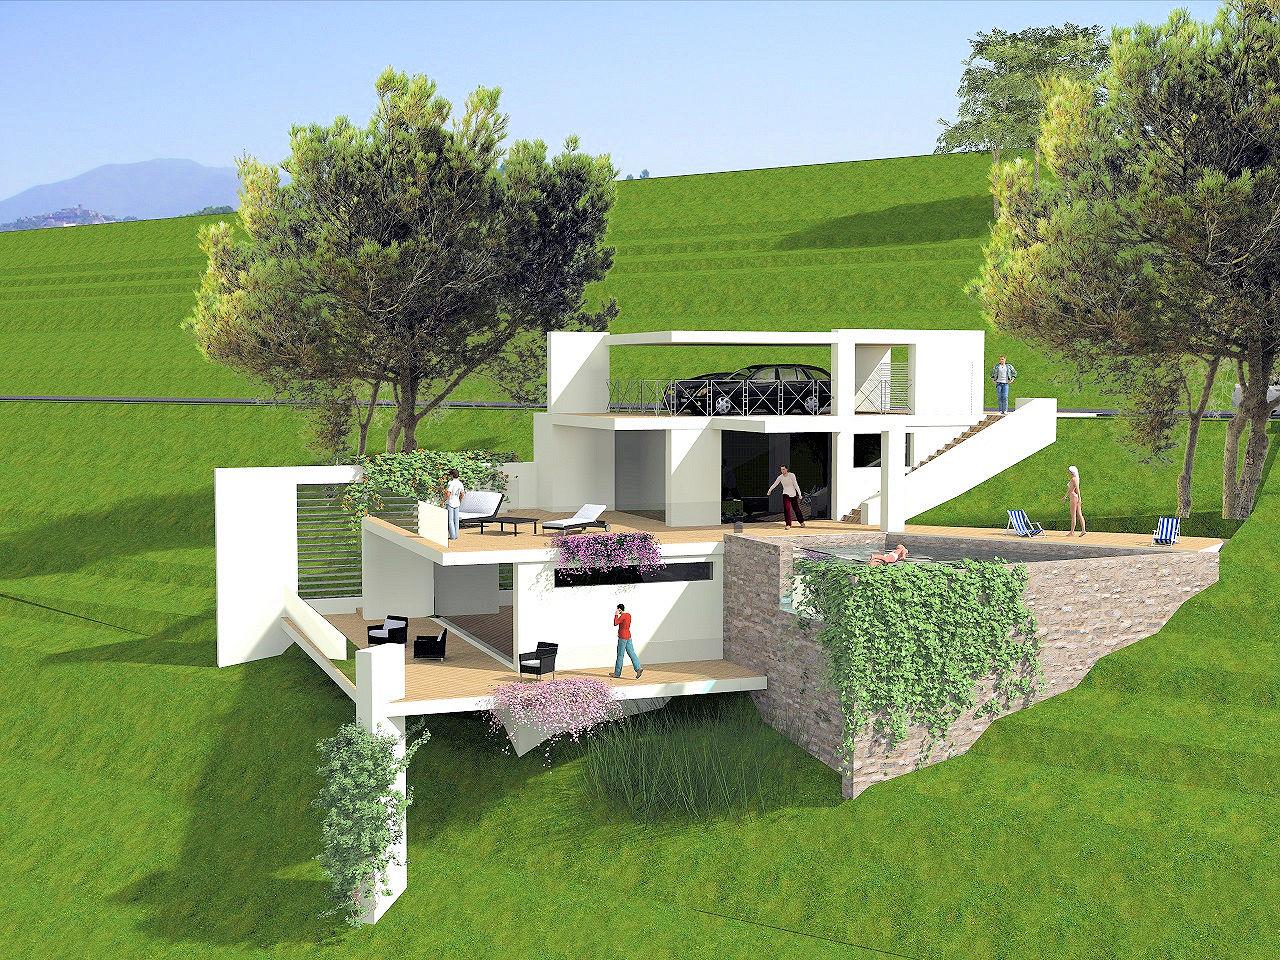 Terreno Edificabile Residenziale in vendita a Buggiano, 9999 locali, zona Località: BorgoaBuggiano, prezzo € 90.000 | Cambio Casa.it